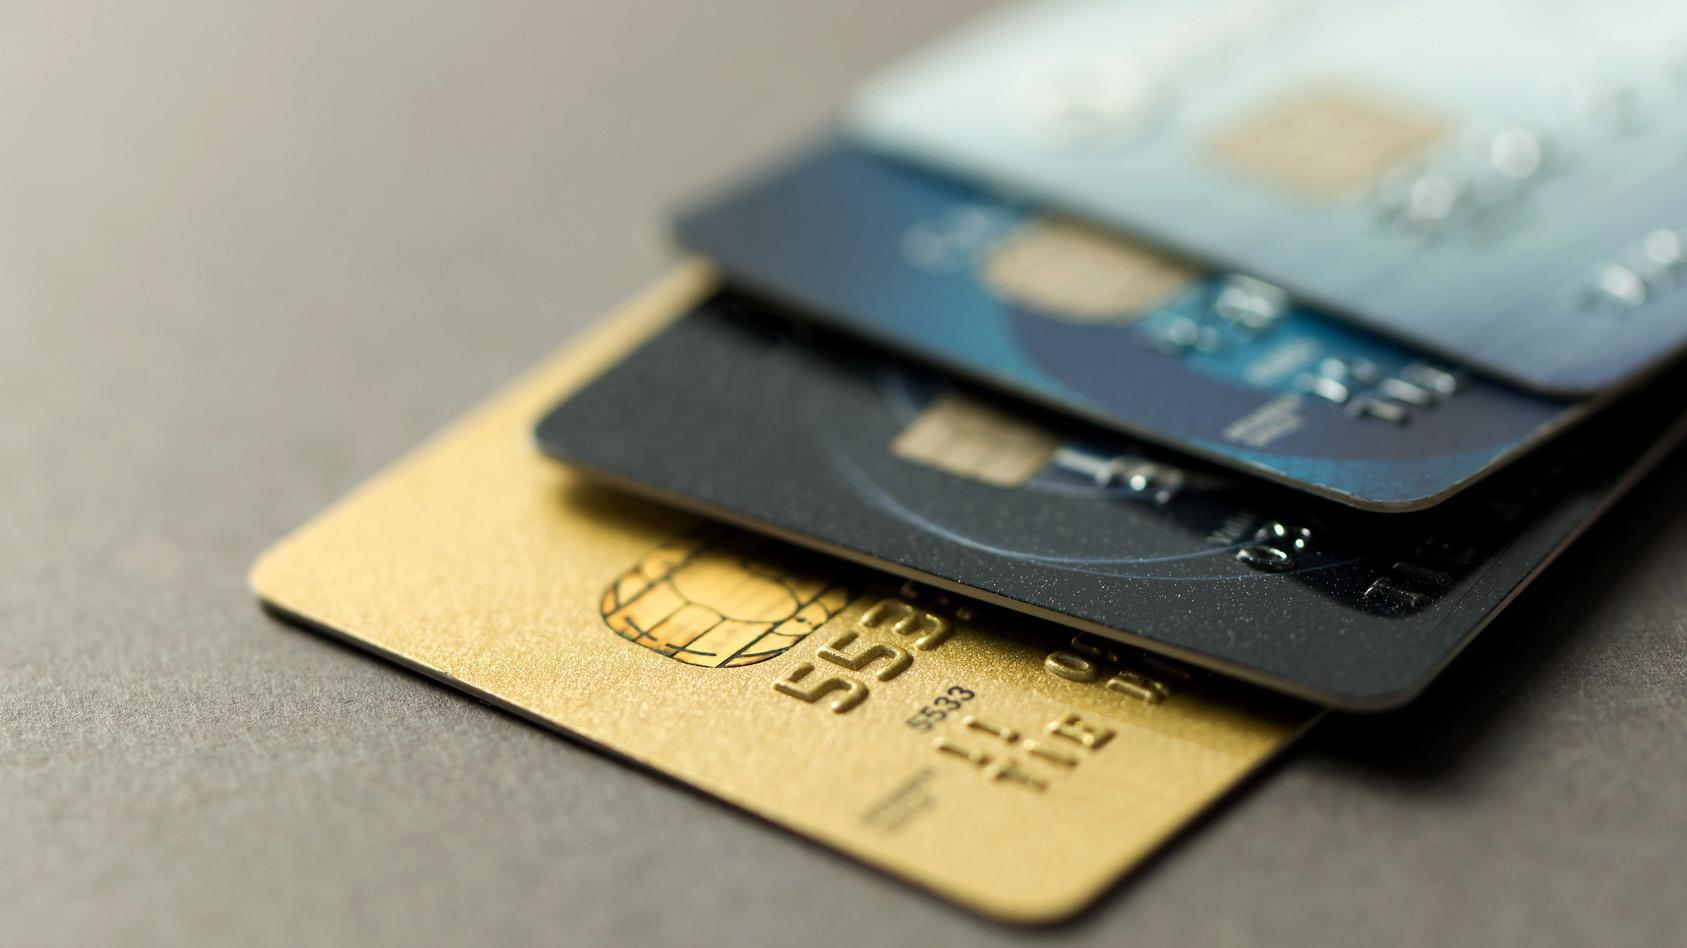 La banque en ligne et la carte bancaire haut de gamme